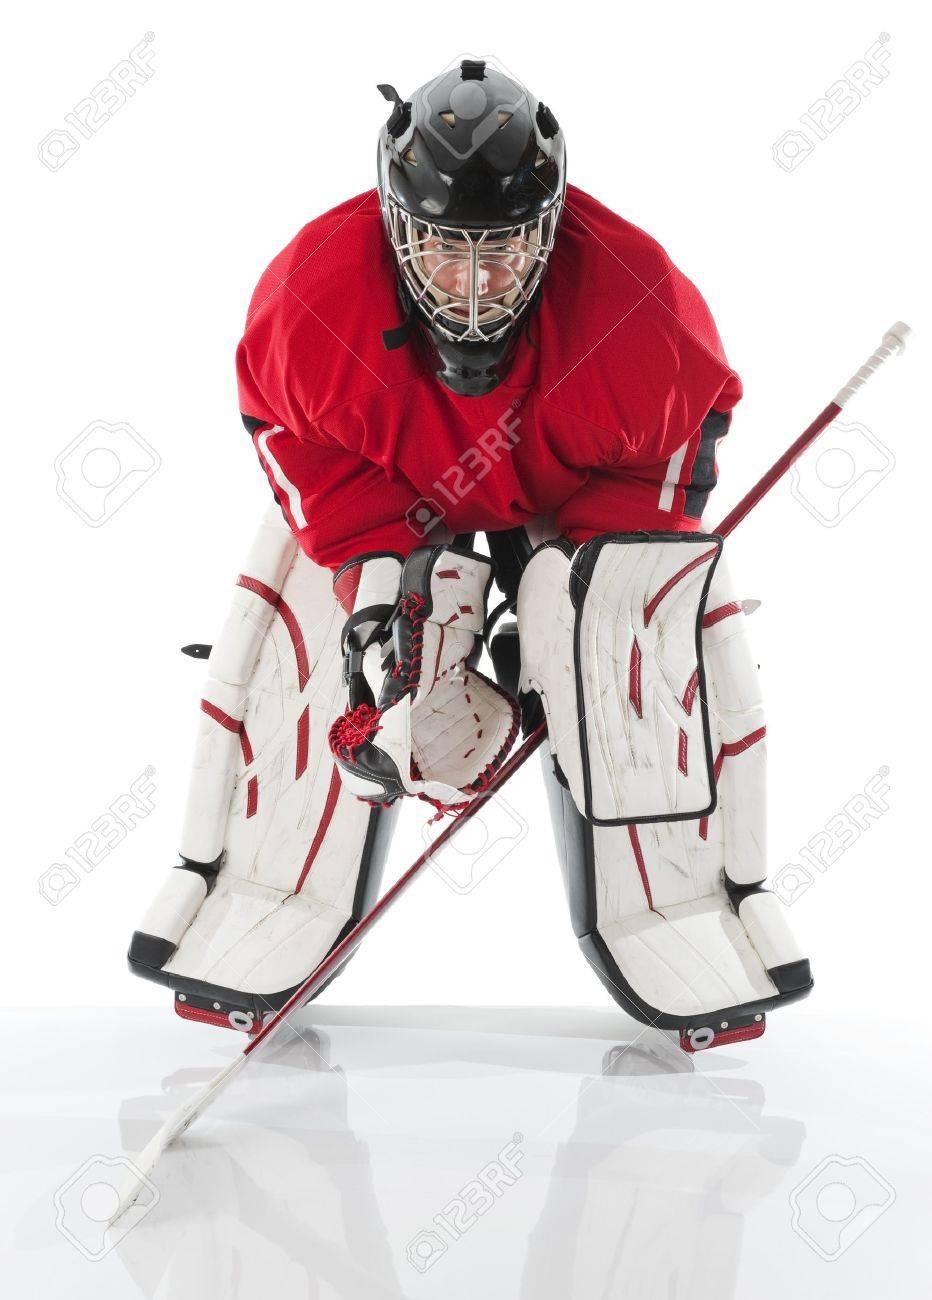 Ice Hockey Goalie Photo On White Background Stock Photo Picture